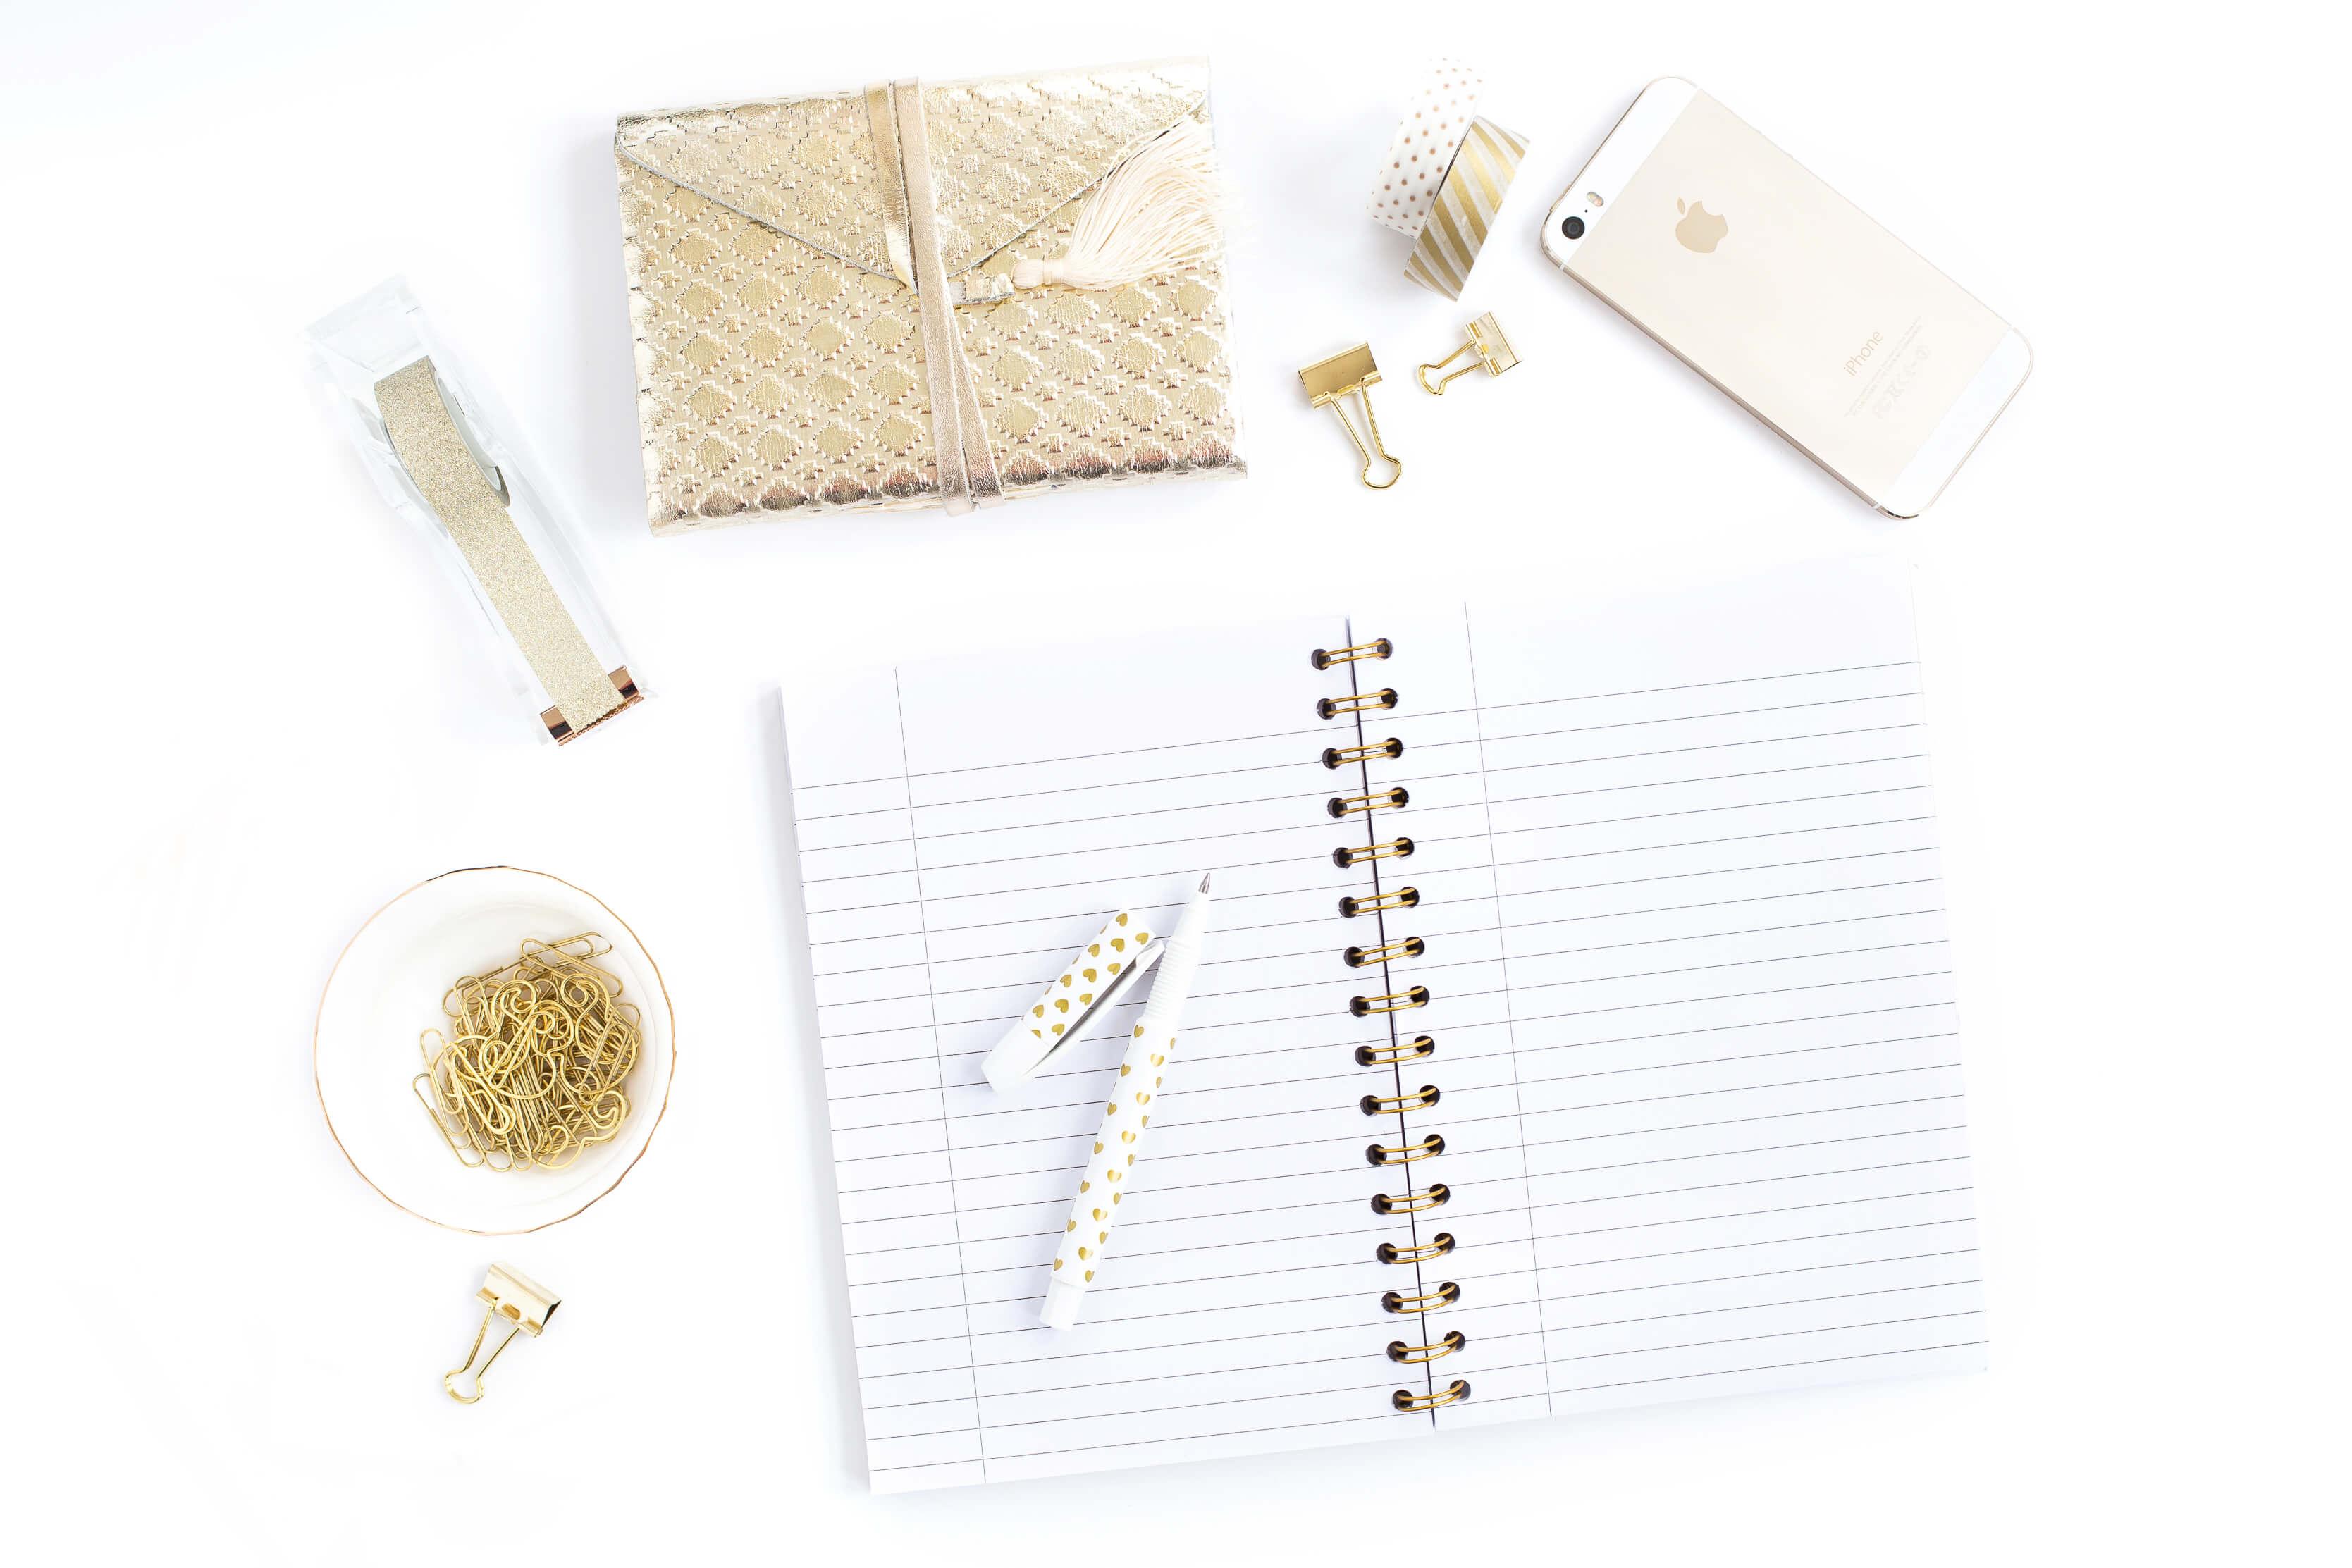 Waarom is het goed om een dagboek bij te houden?